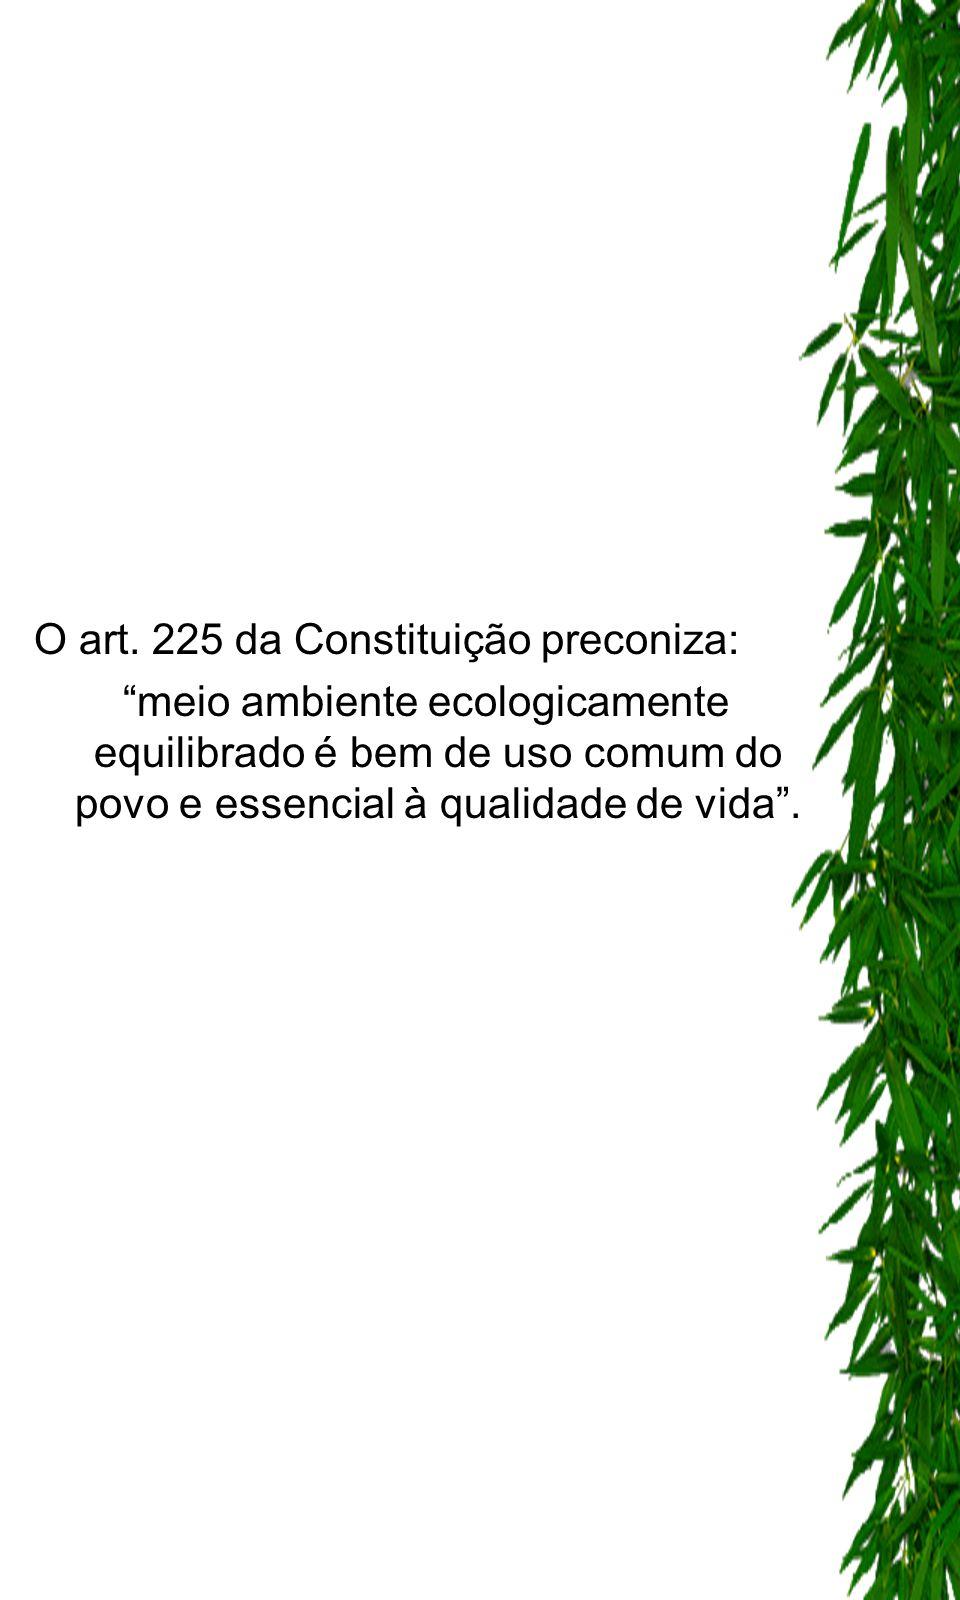 O art. 225 da Constituição preconiza: meio ambiente ecologicamente equilibrado é bem de uso comum do povo e essencial à qualidade de vida.